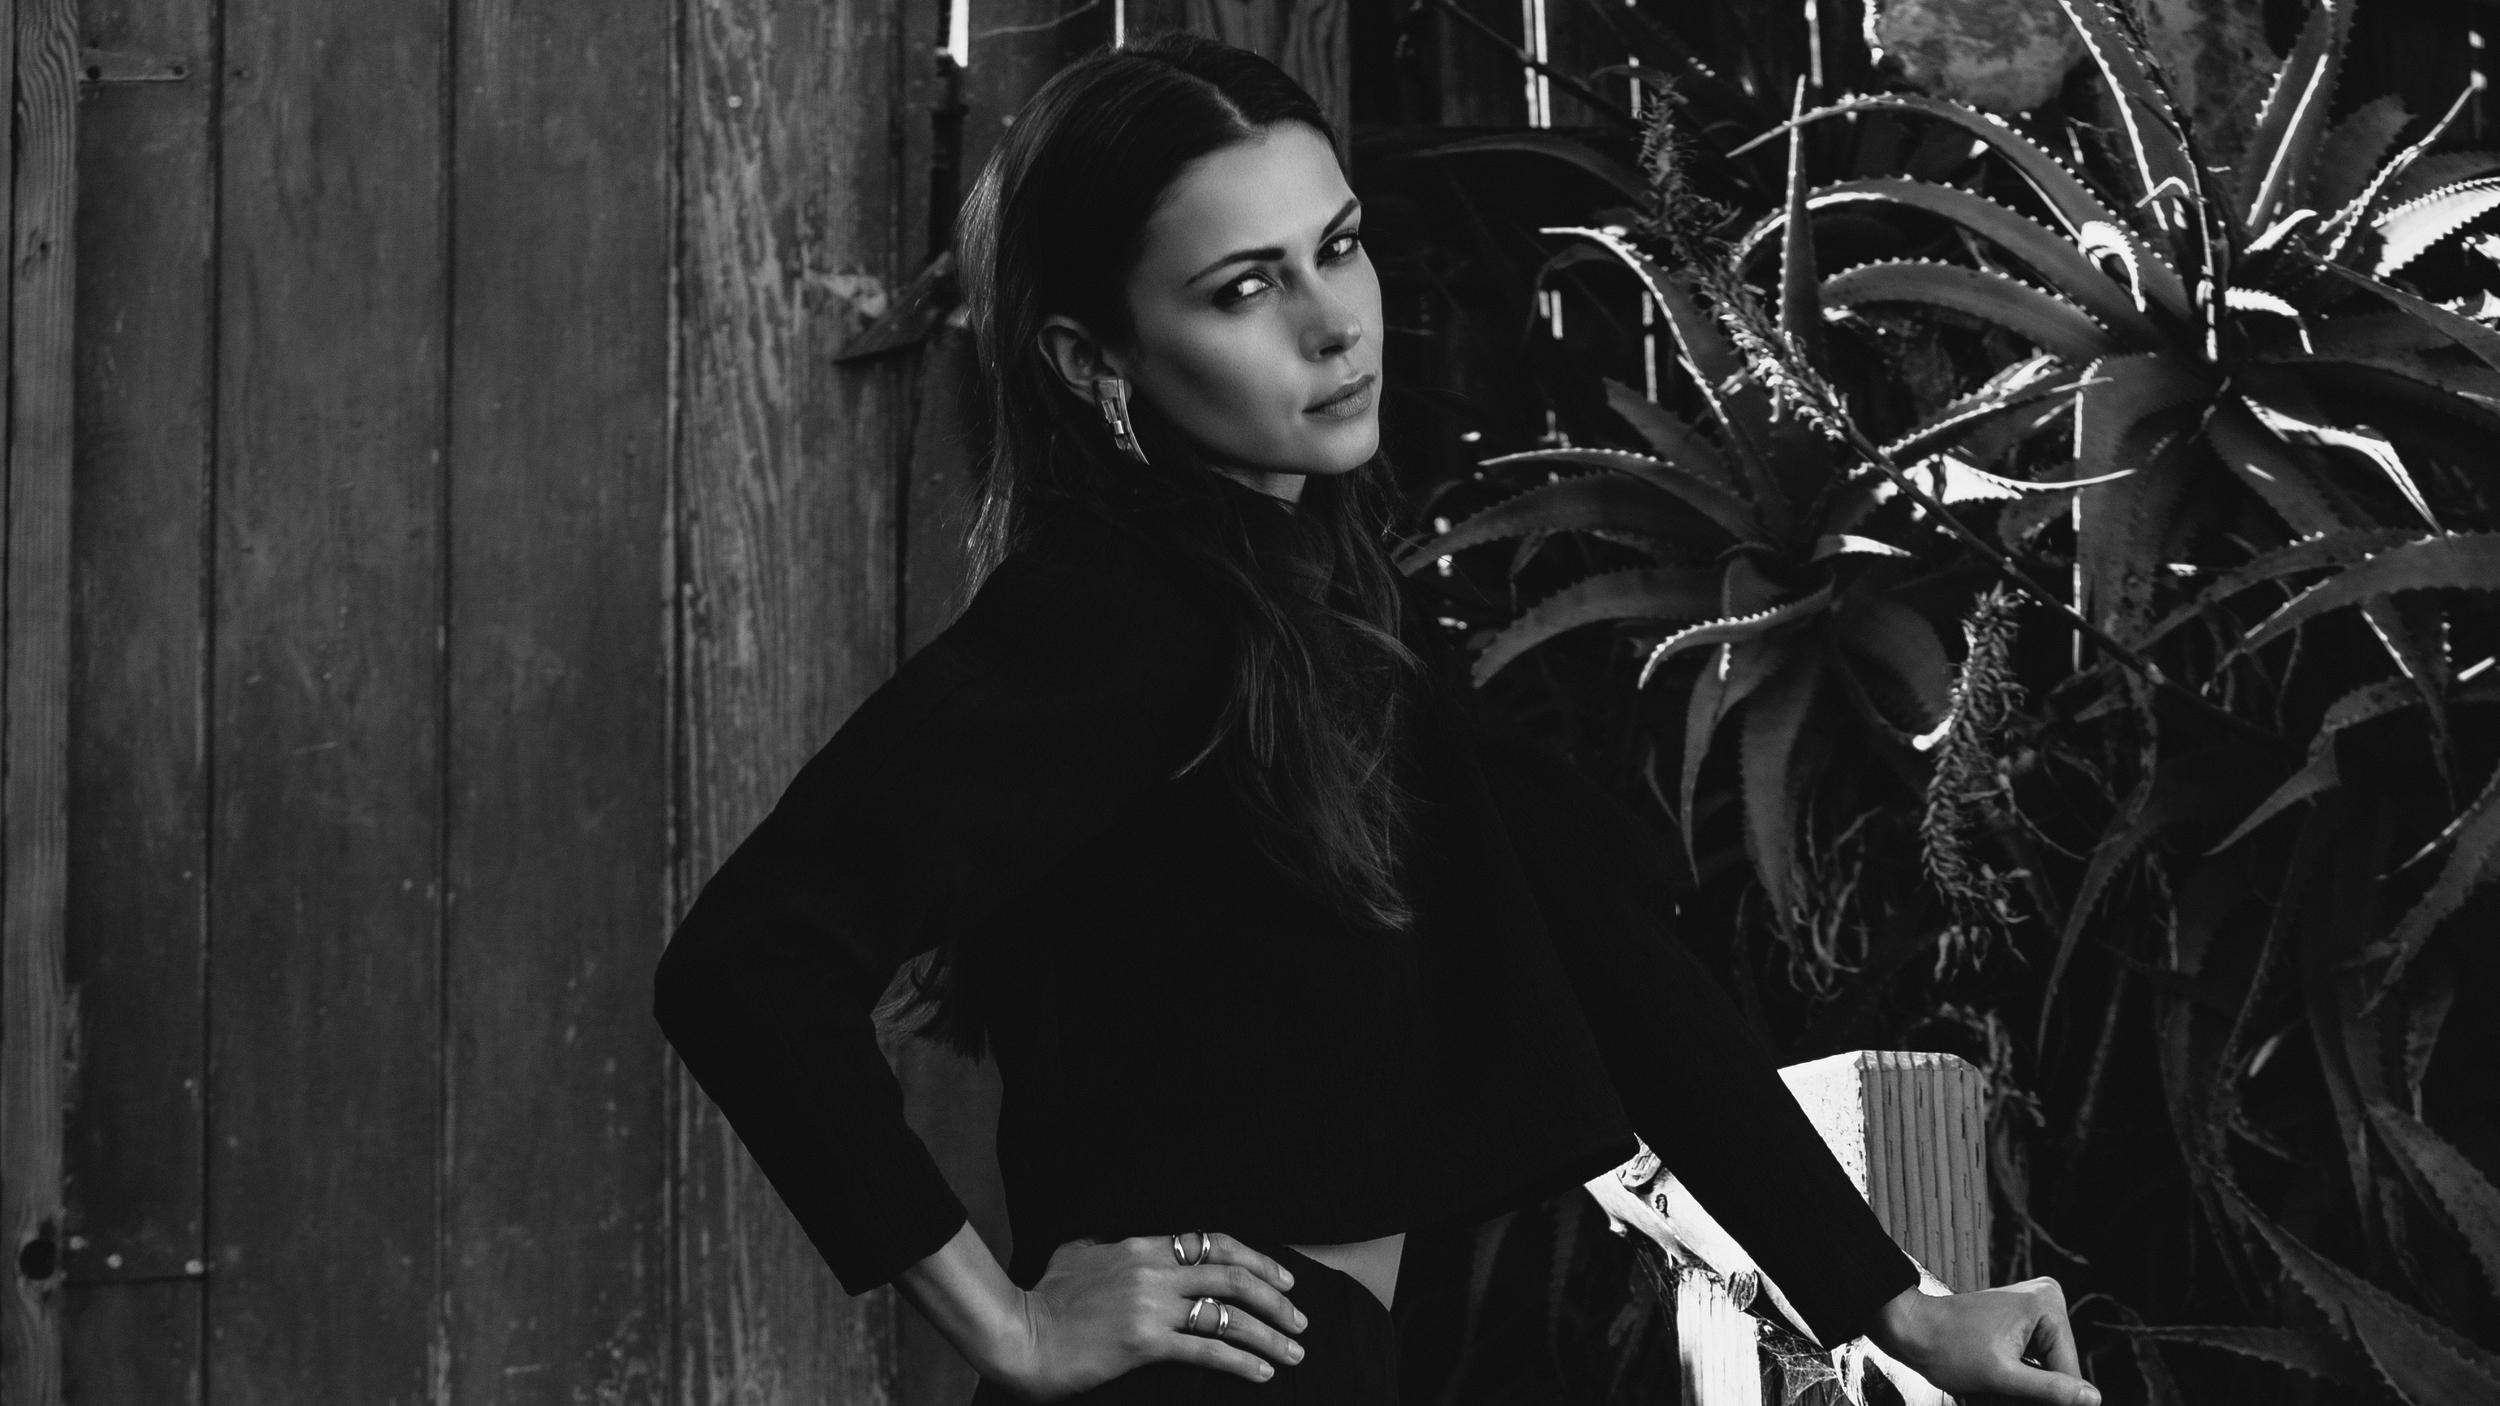 Rosina Galli (actress) Porn video Beulah Poynter,Phoebe Legere